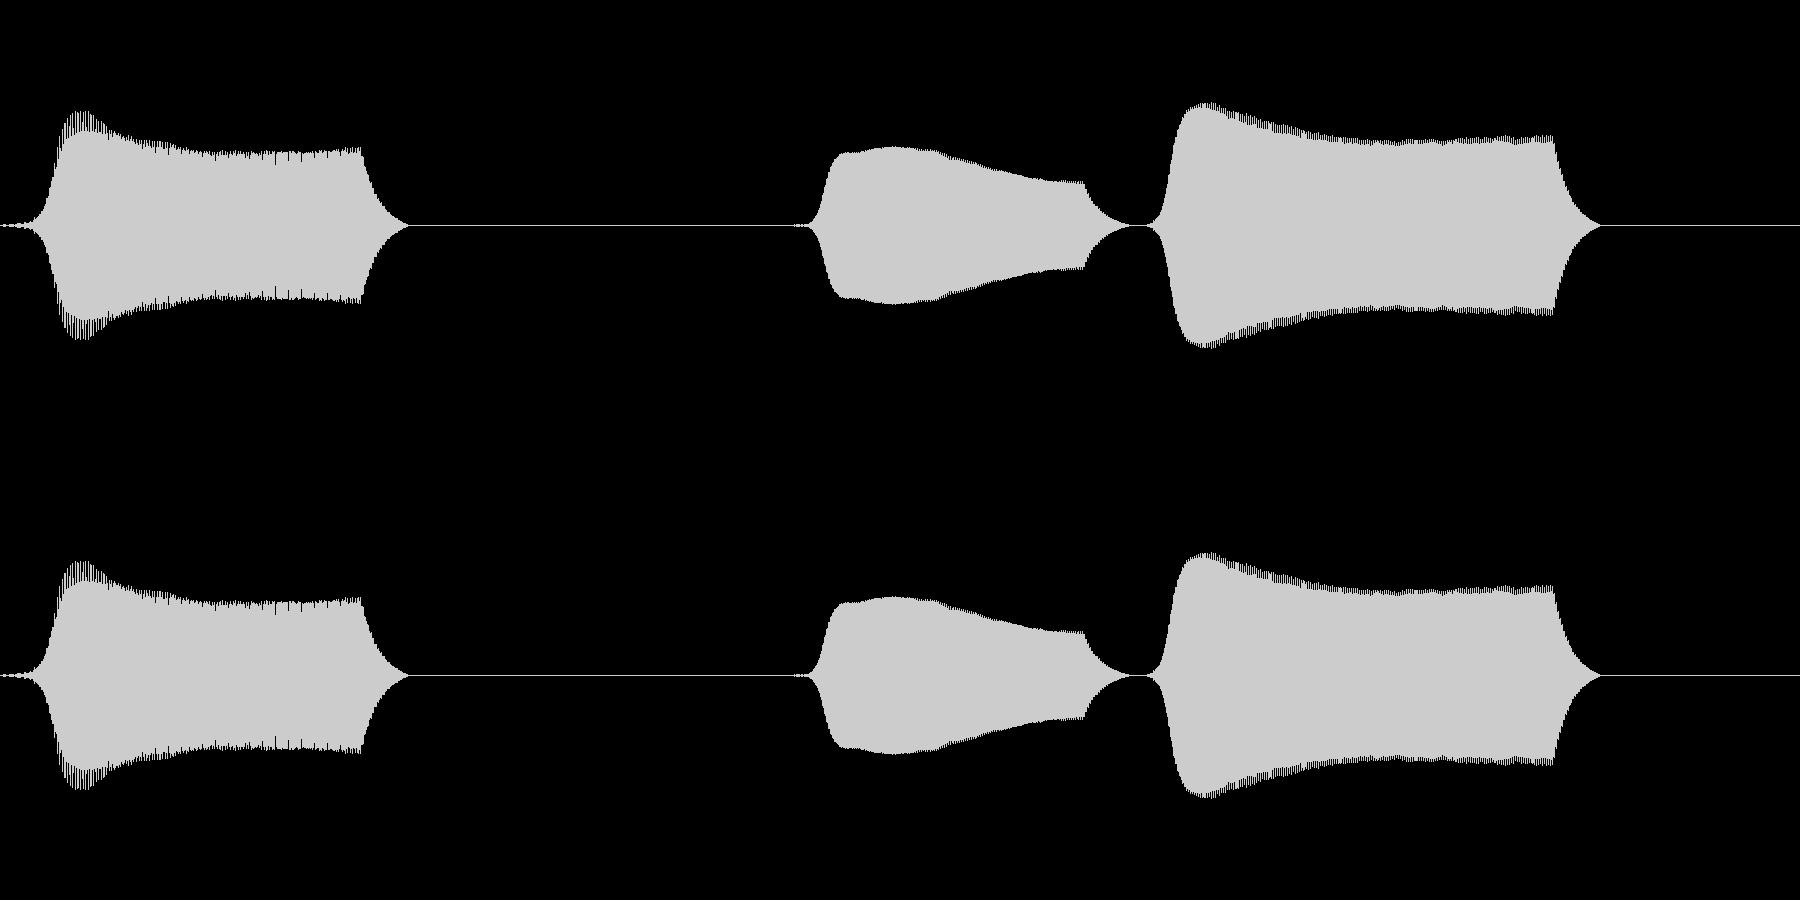 ポッポポ(単音リコーダーのオチ)の未再生の波形